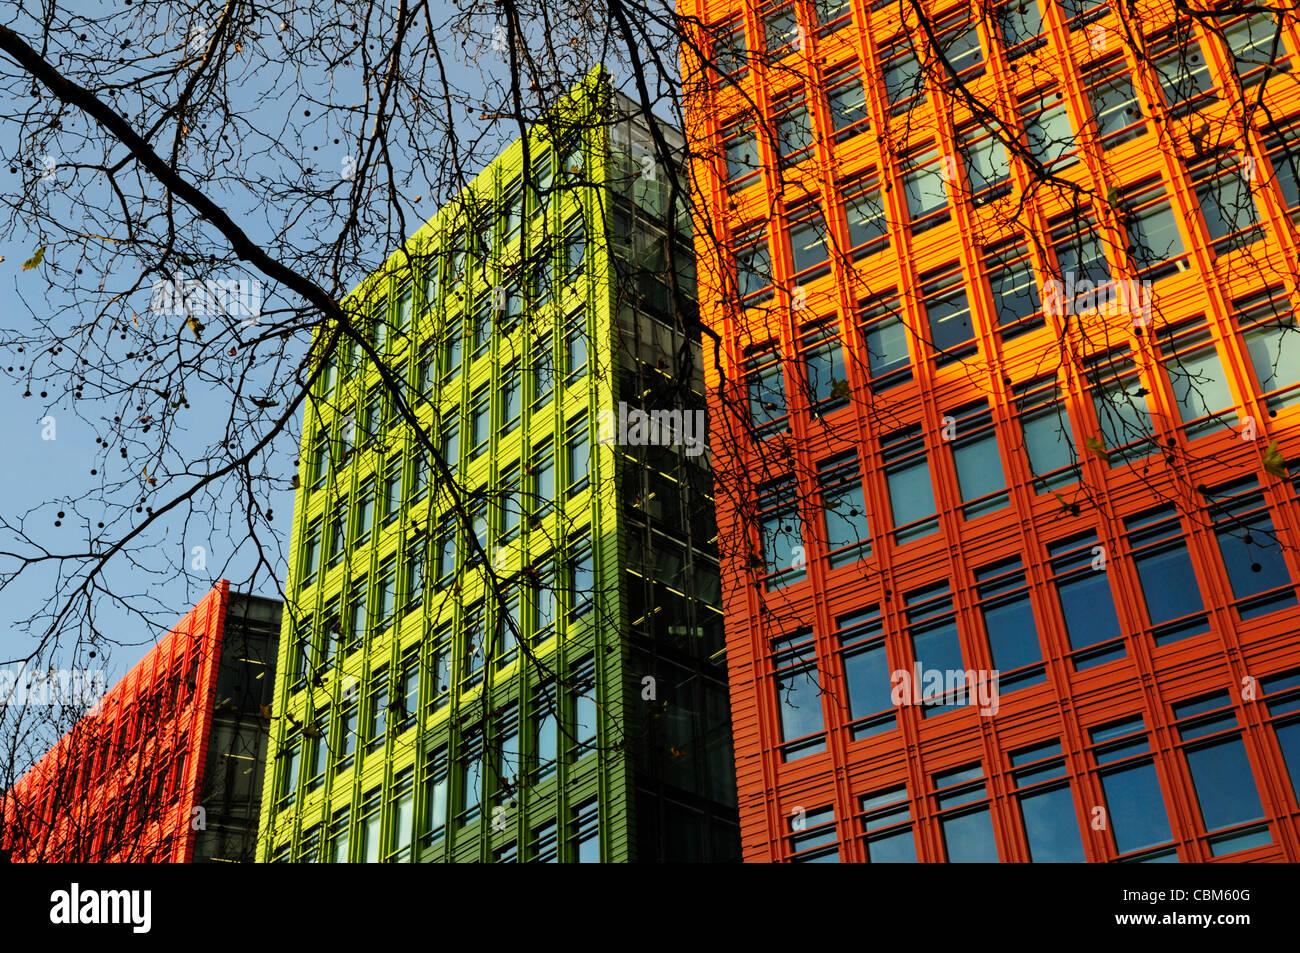 Abstrakte Gebäude Detail, Central St Giles, London, England, UK Stockbild